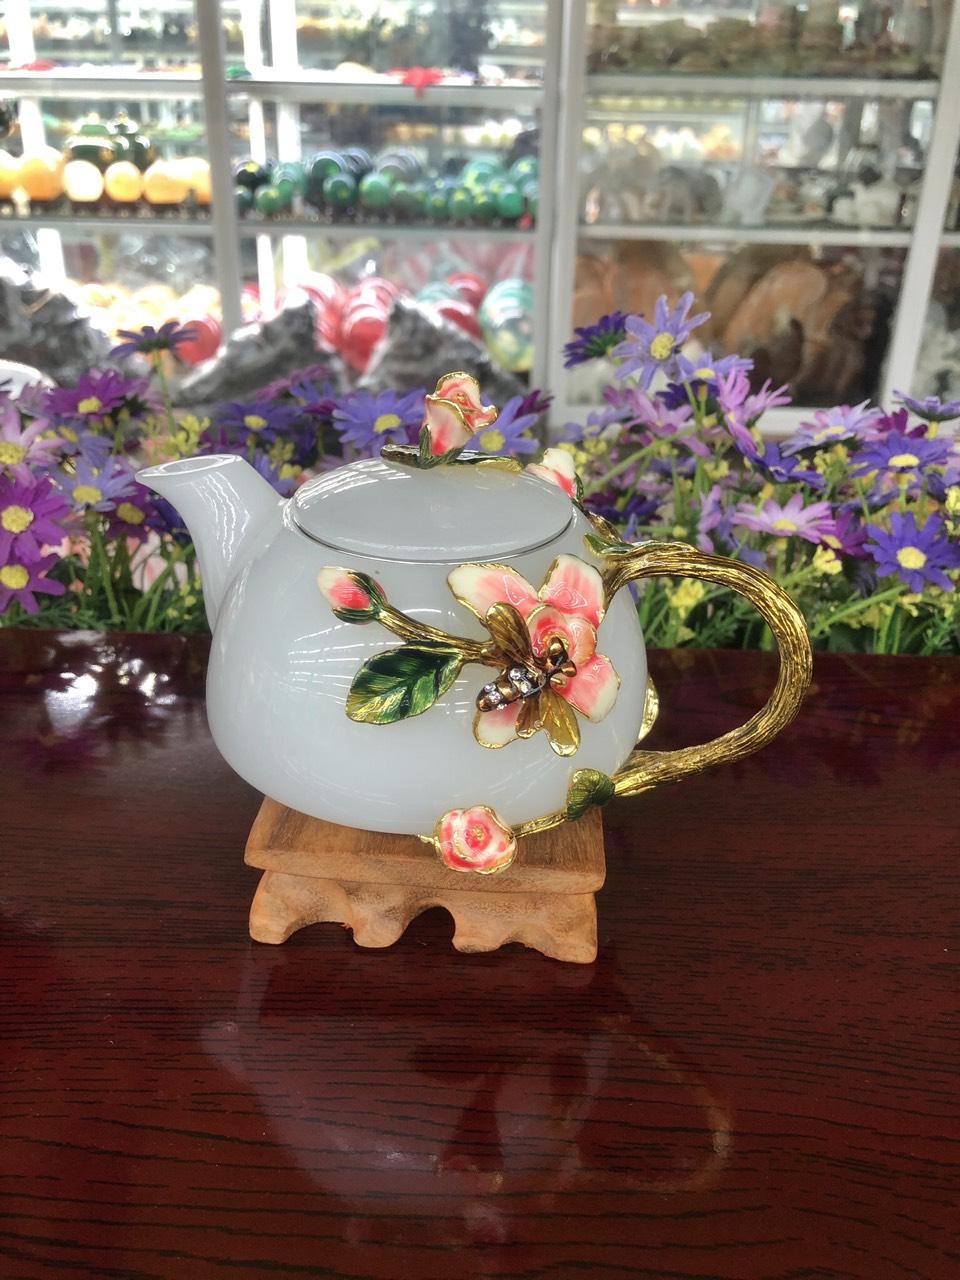 Bộ ấm trà chạm hoa hồng với ly chạm chữ đá bạch ngọc